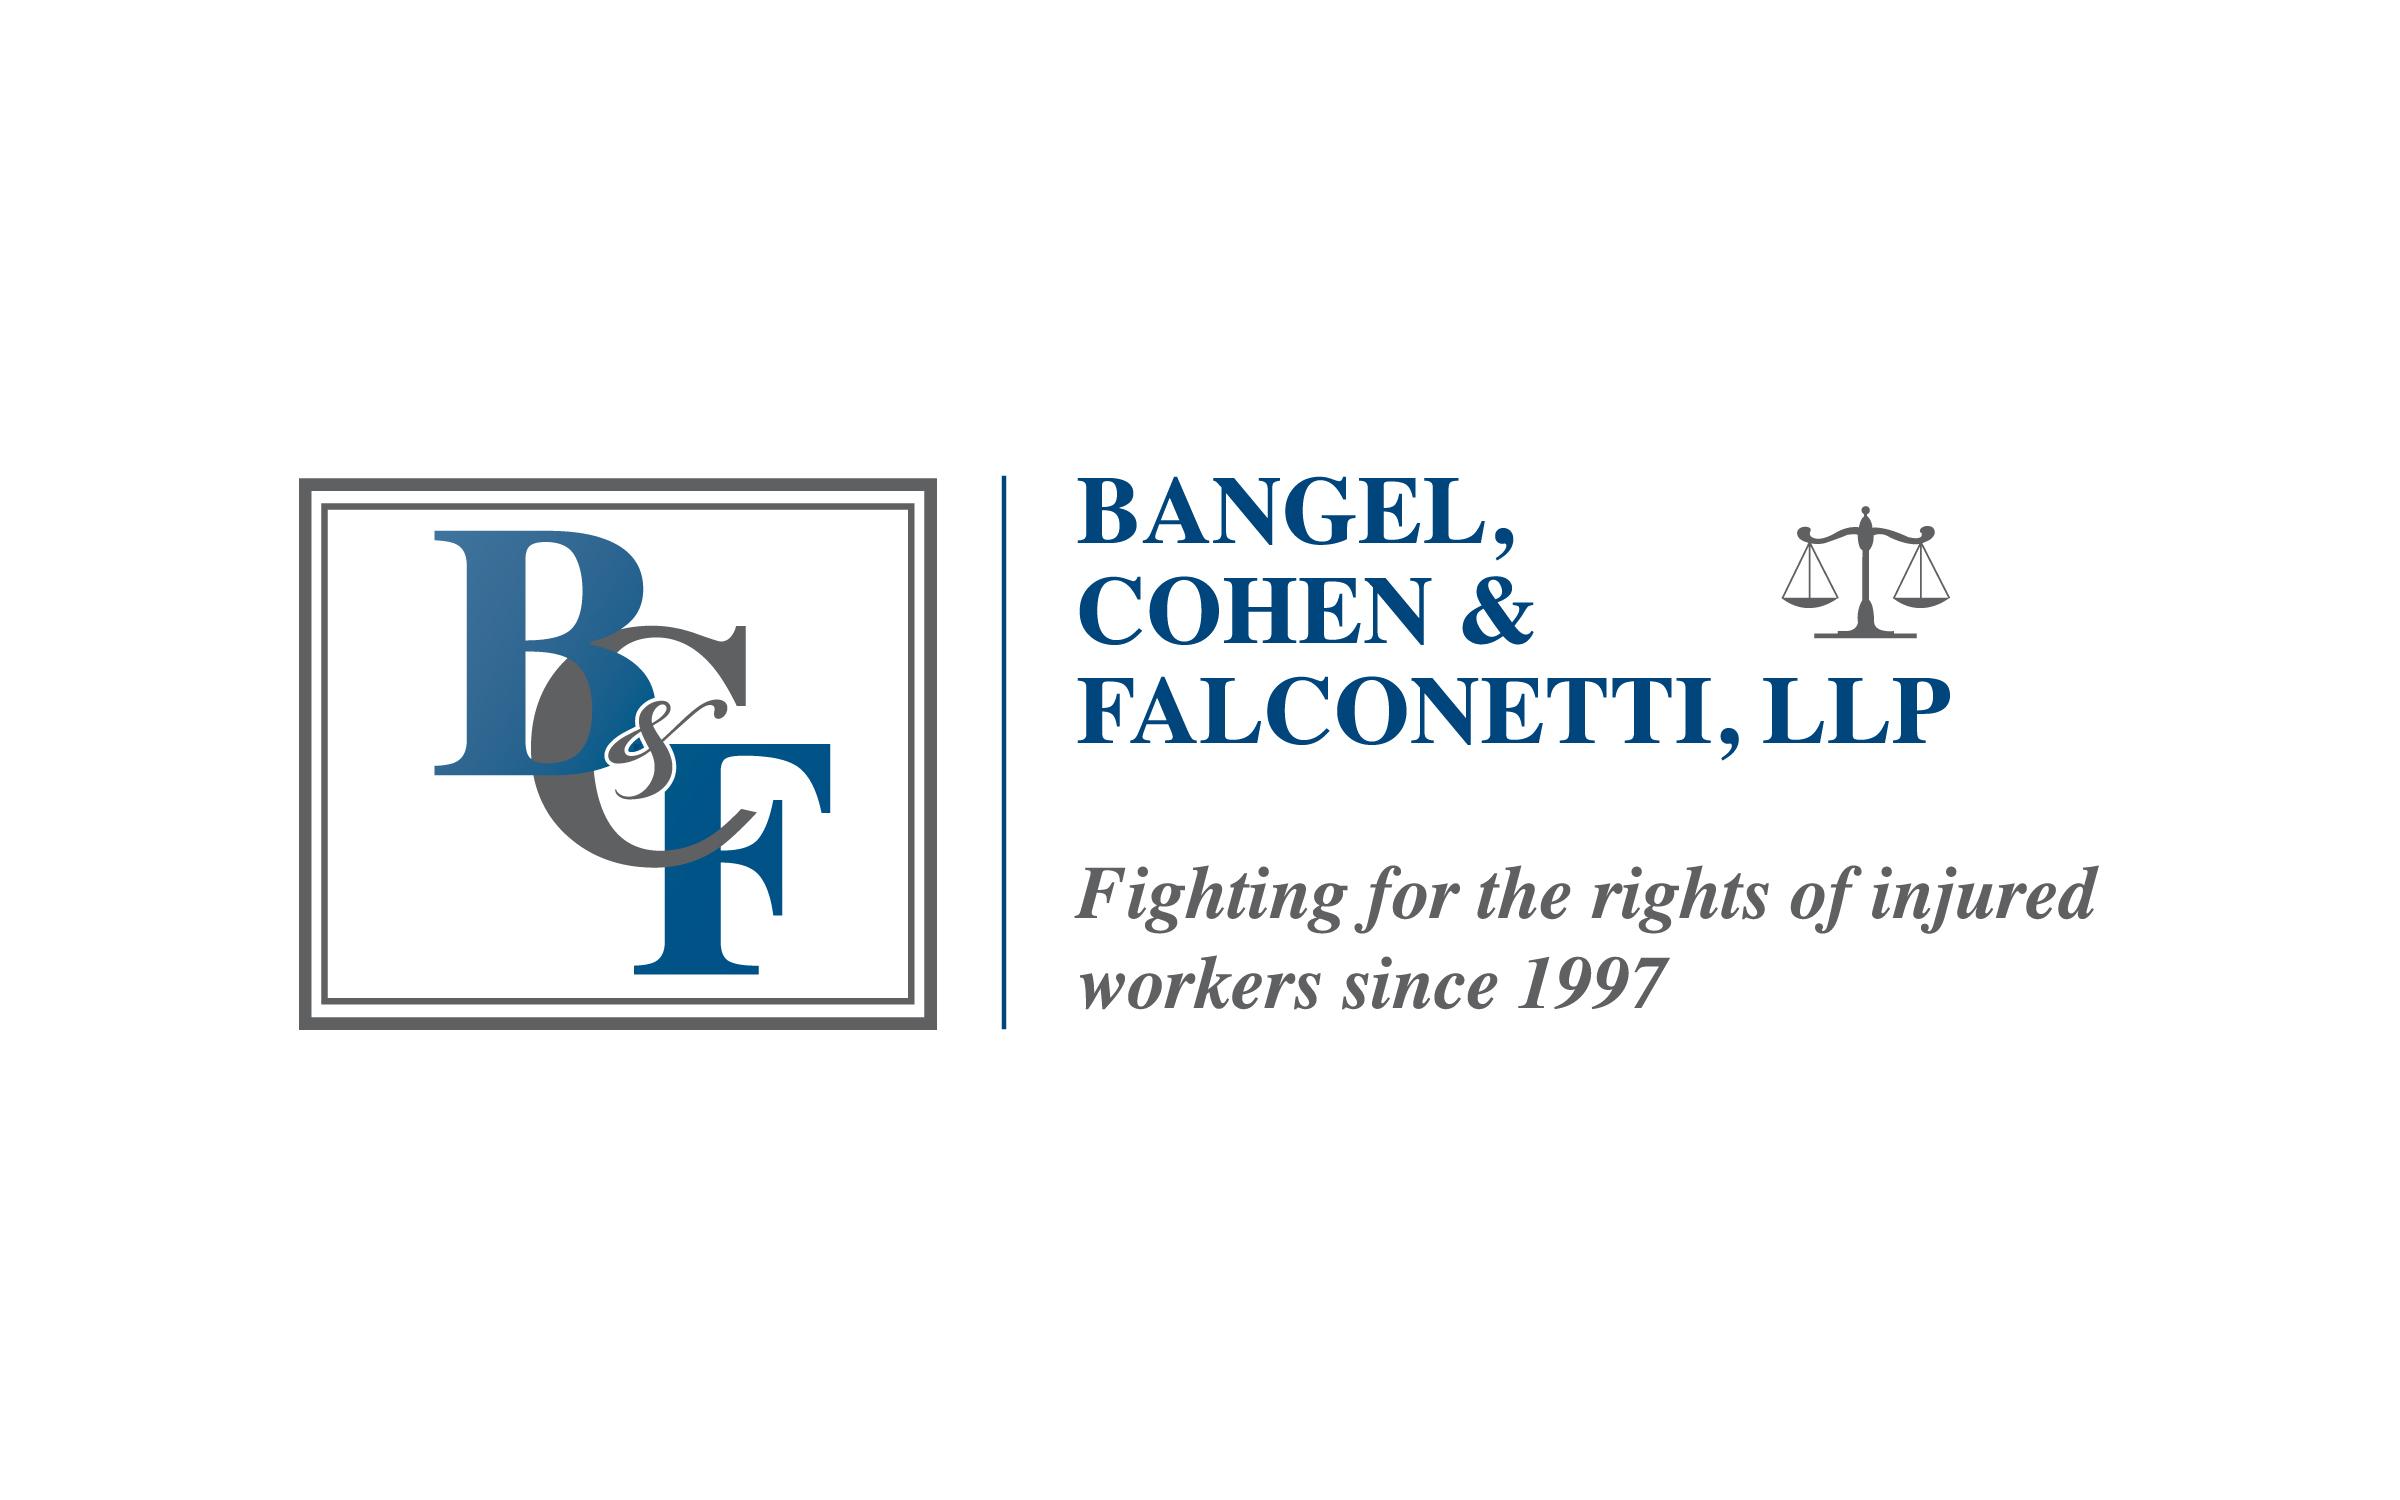 Bangel, Cohen, Falconetti, LLP